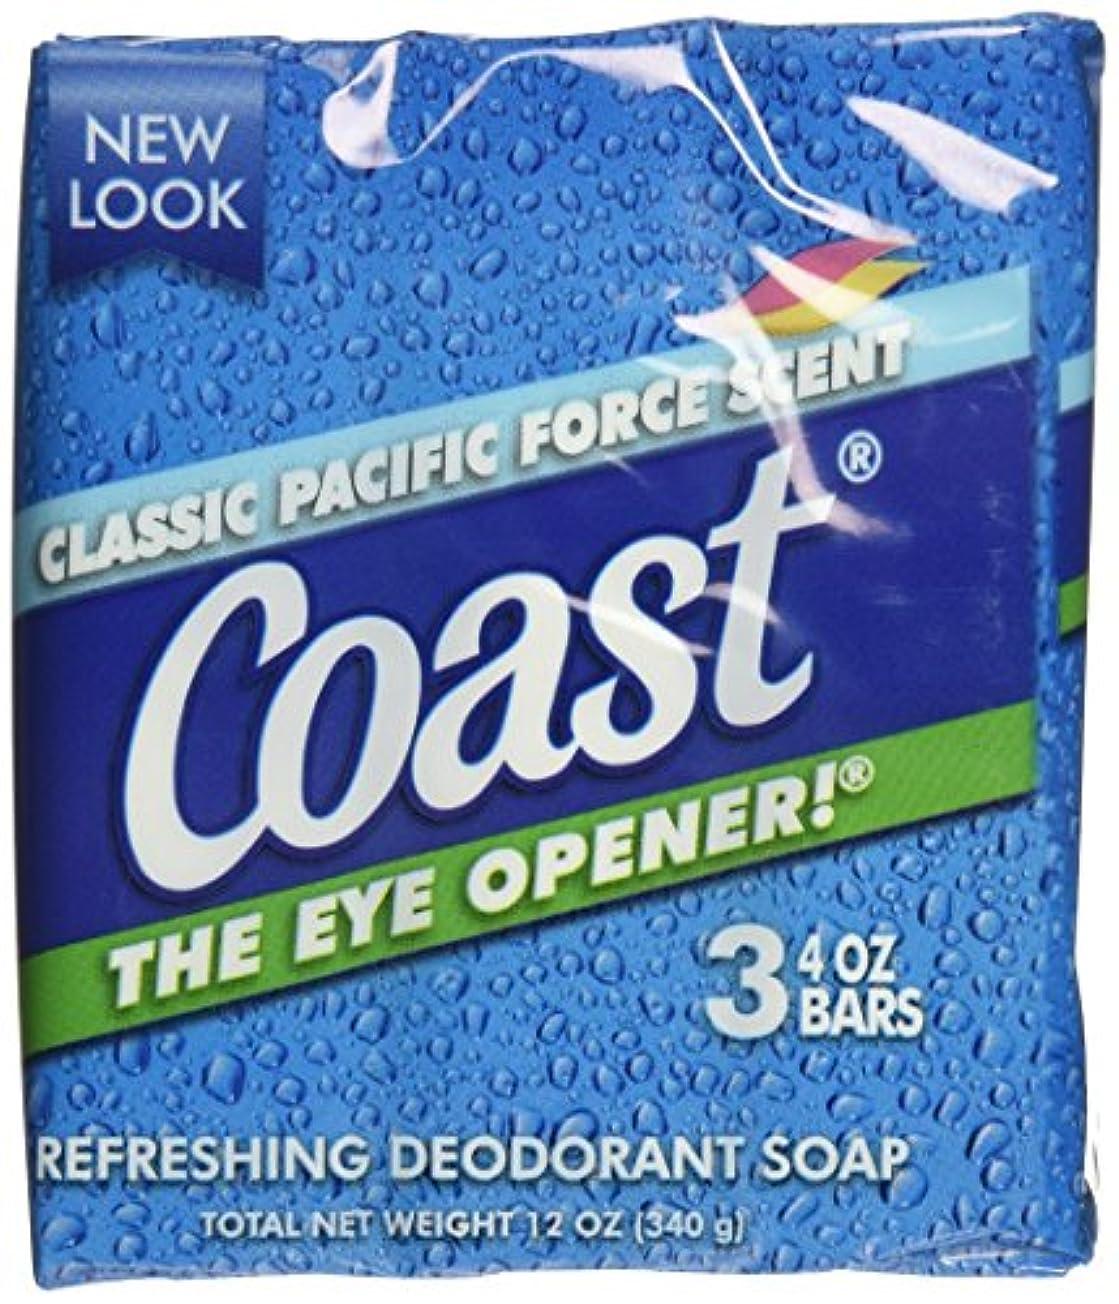 広告するオーストラリア幸運なことにDial(ダイアル) コースト固形石鹸 113g×3個